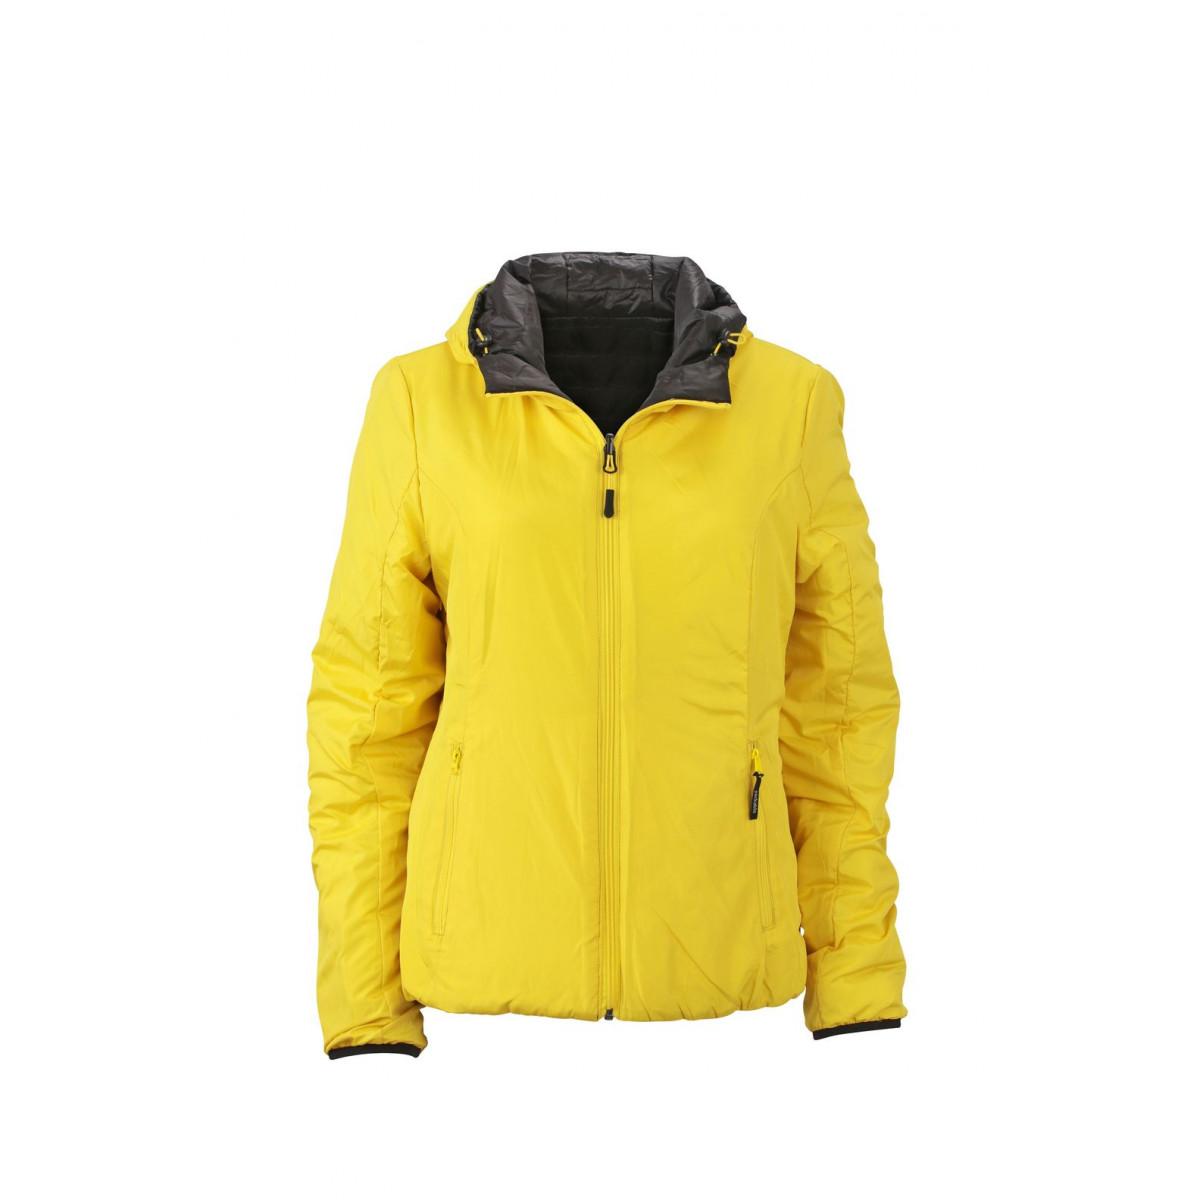 Куртка женская JN1091 Ladies Lightweight Jacket - Черный/Желтый